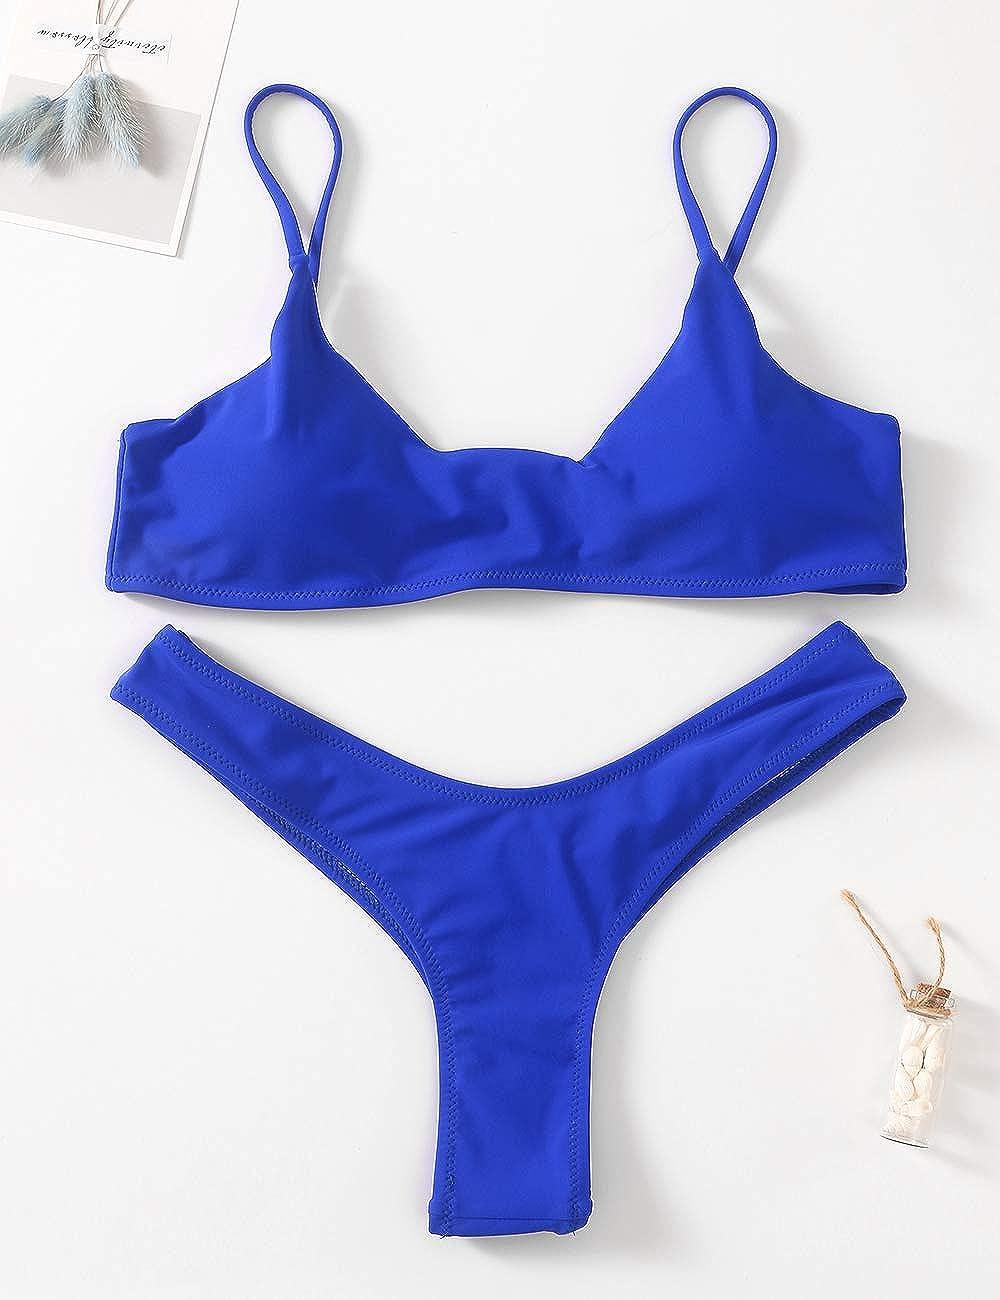 ec6ef7ff3a Amazon.com: Womens Swimsuits 2 Pcs Brazilian Top Thong Bikini Set High  Waisted Bathing Suits for Women: Clothing